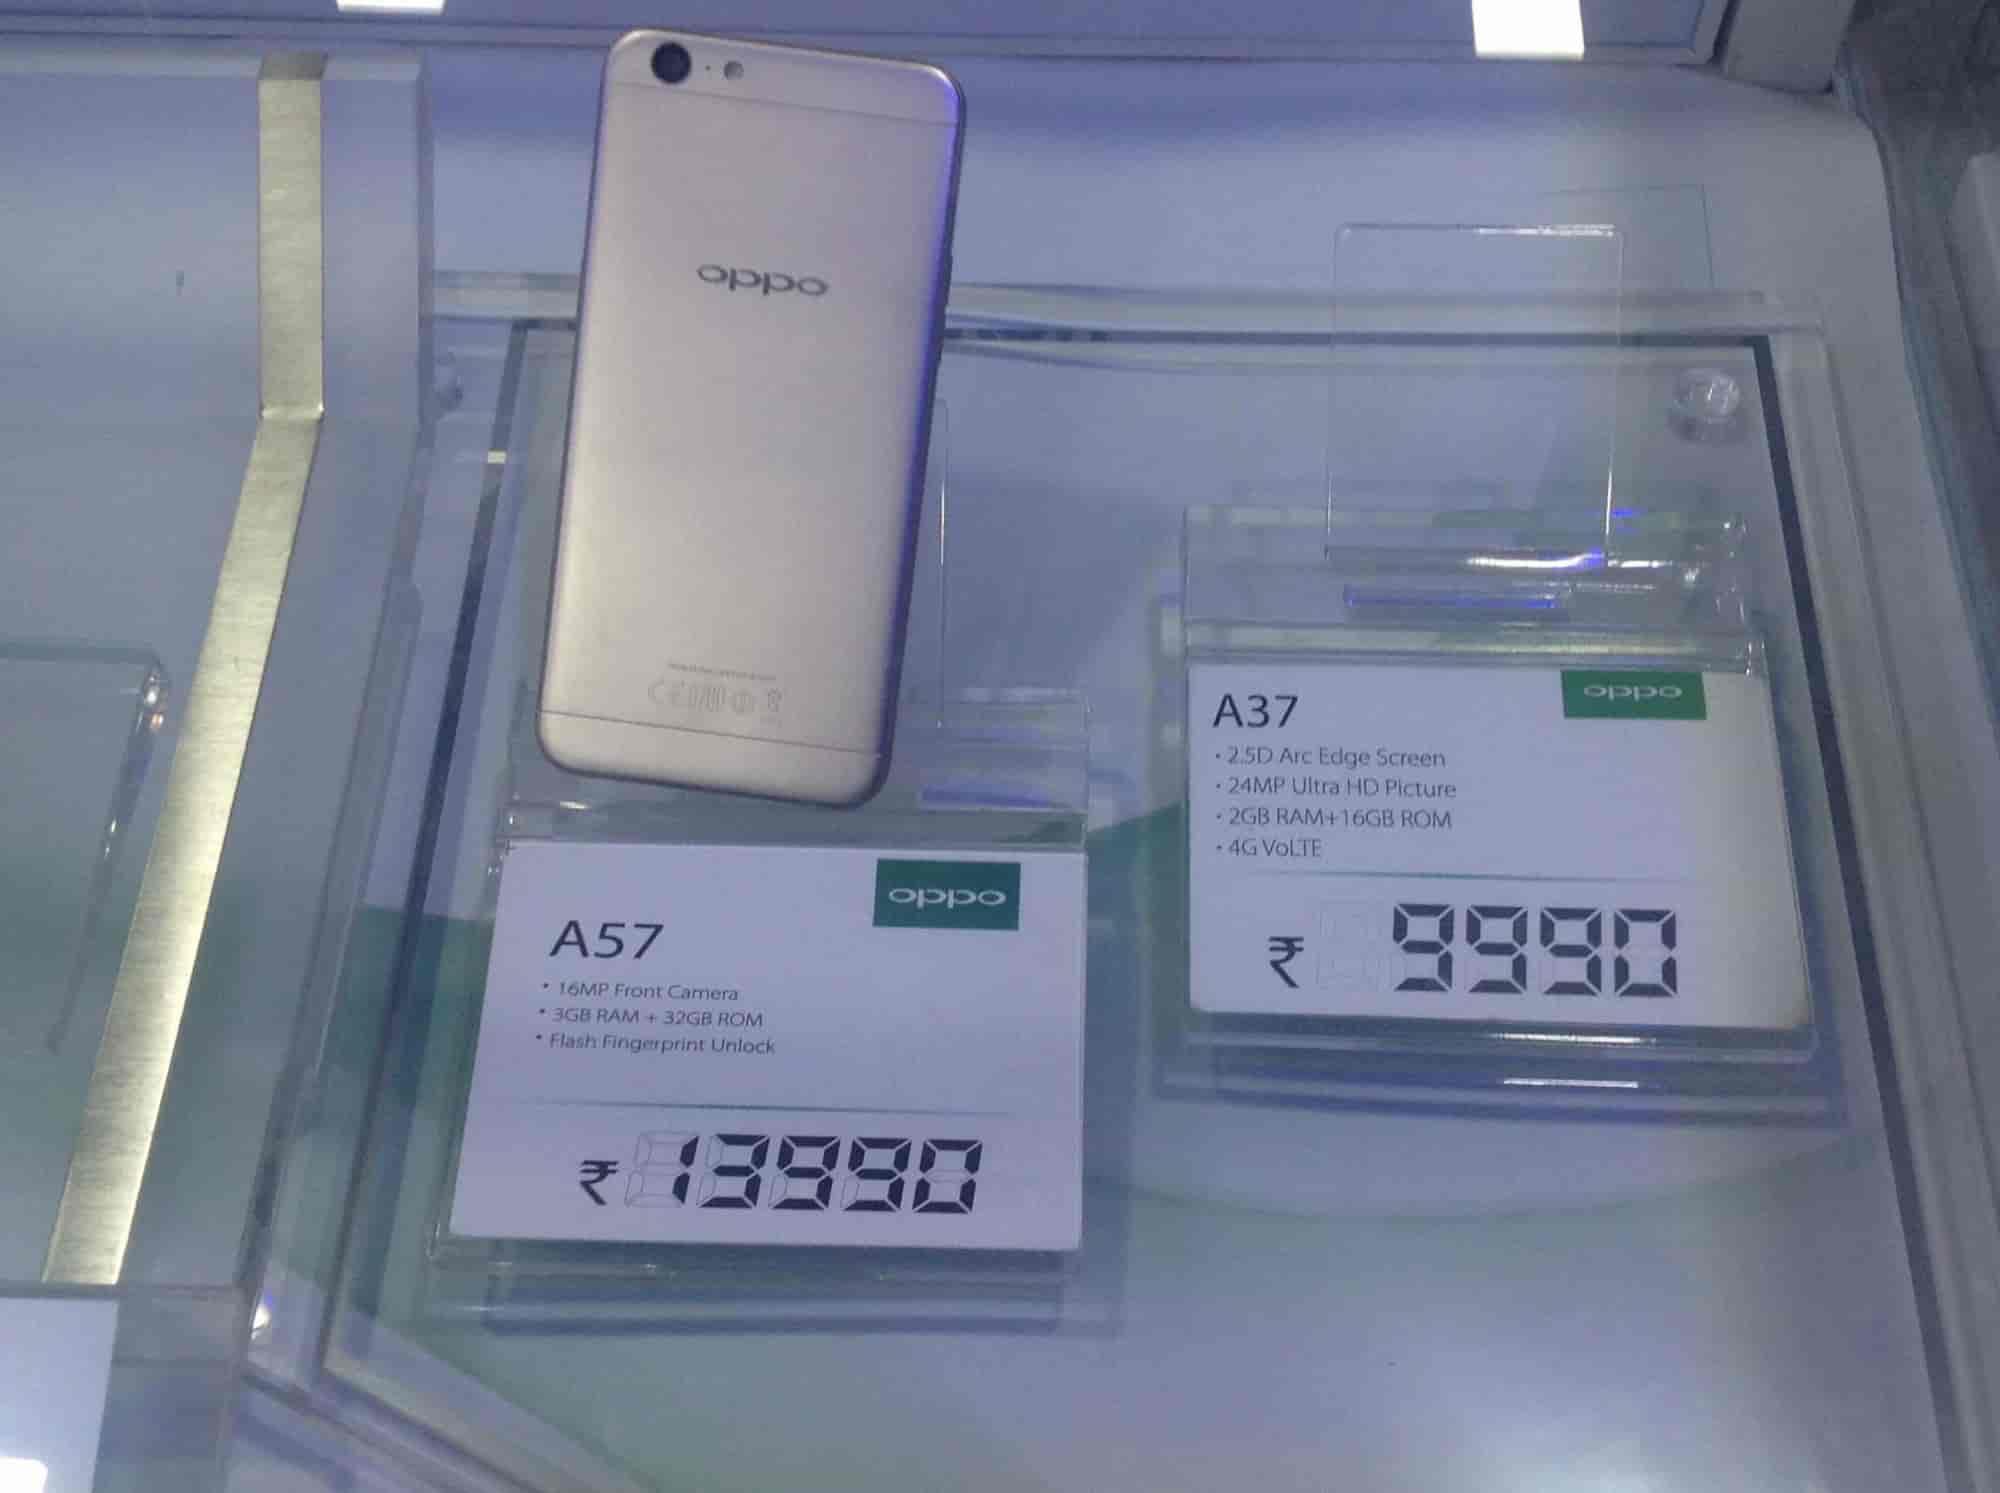 Shambavi Enterprises, Raghavendra Nagar - Mobile Phone